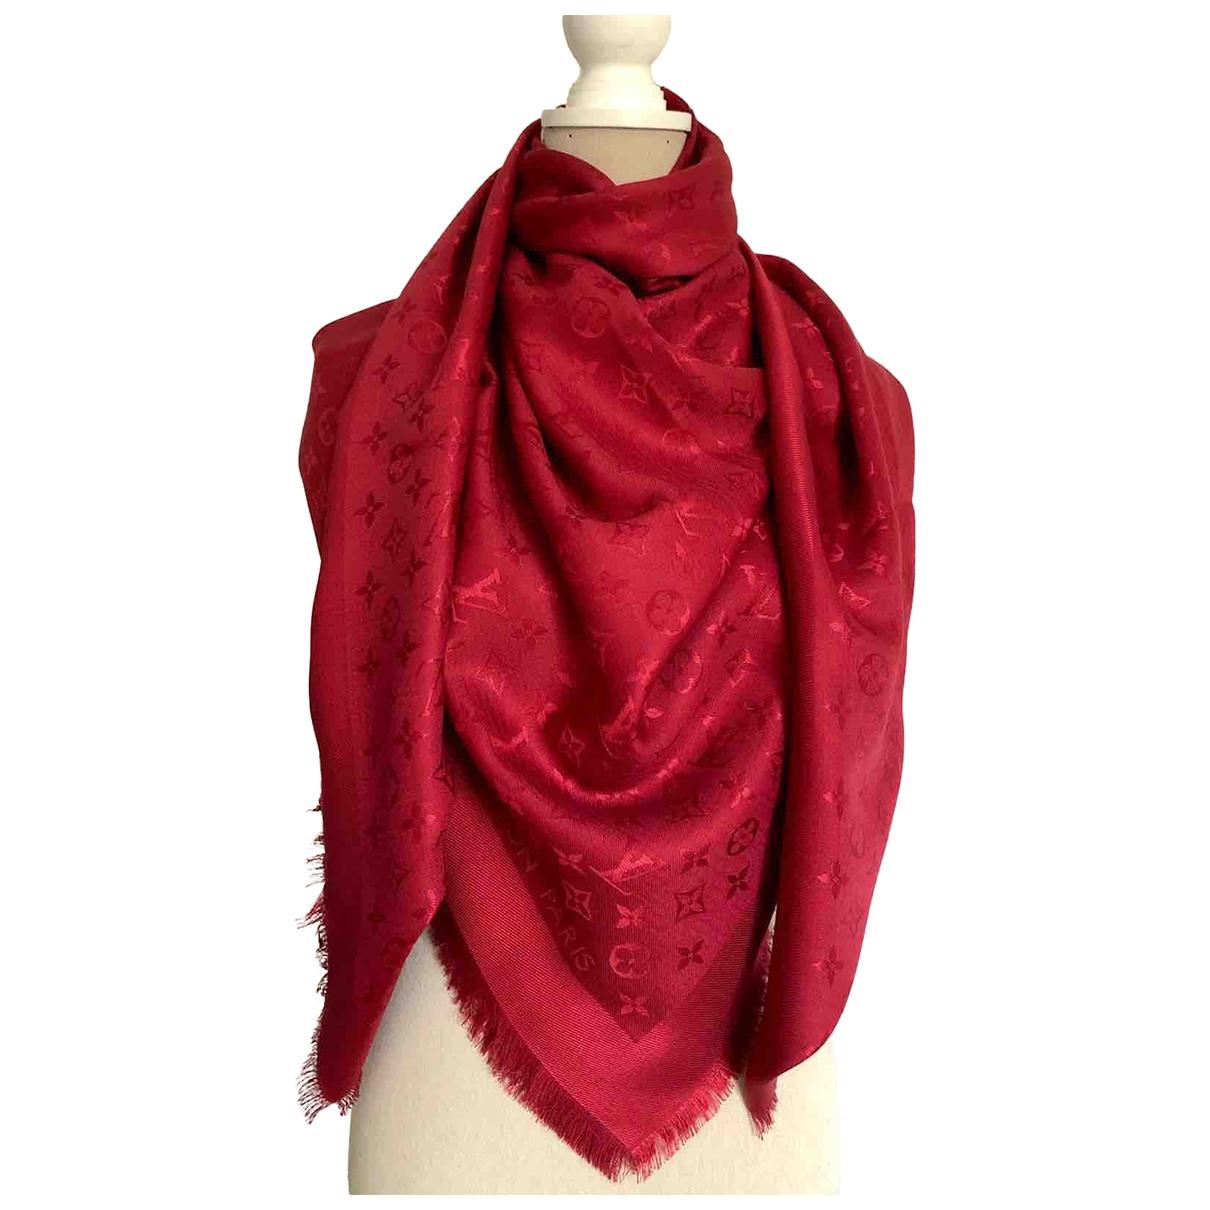 Louis Vuitton - Foulard Chale Monogram pour femme en soie - rouge